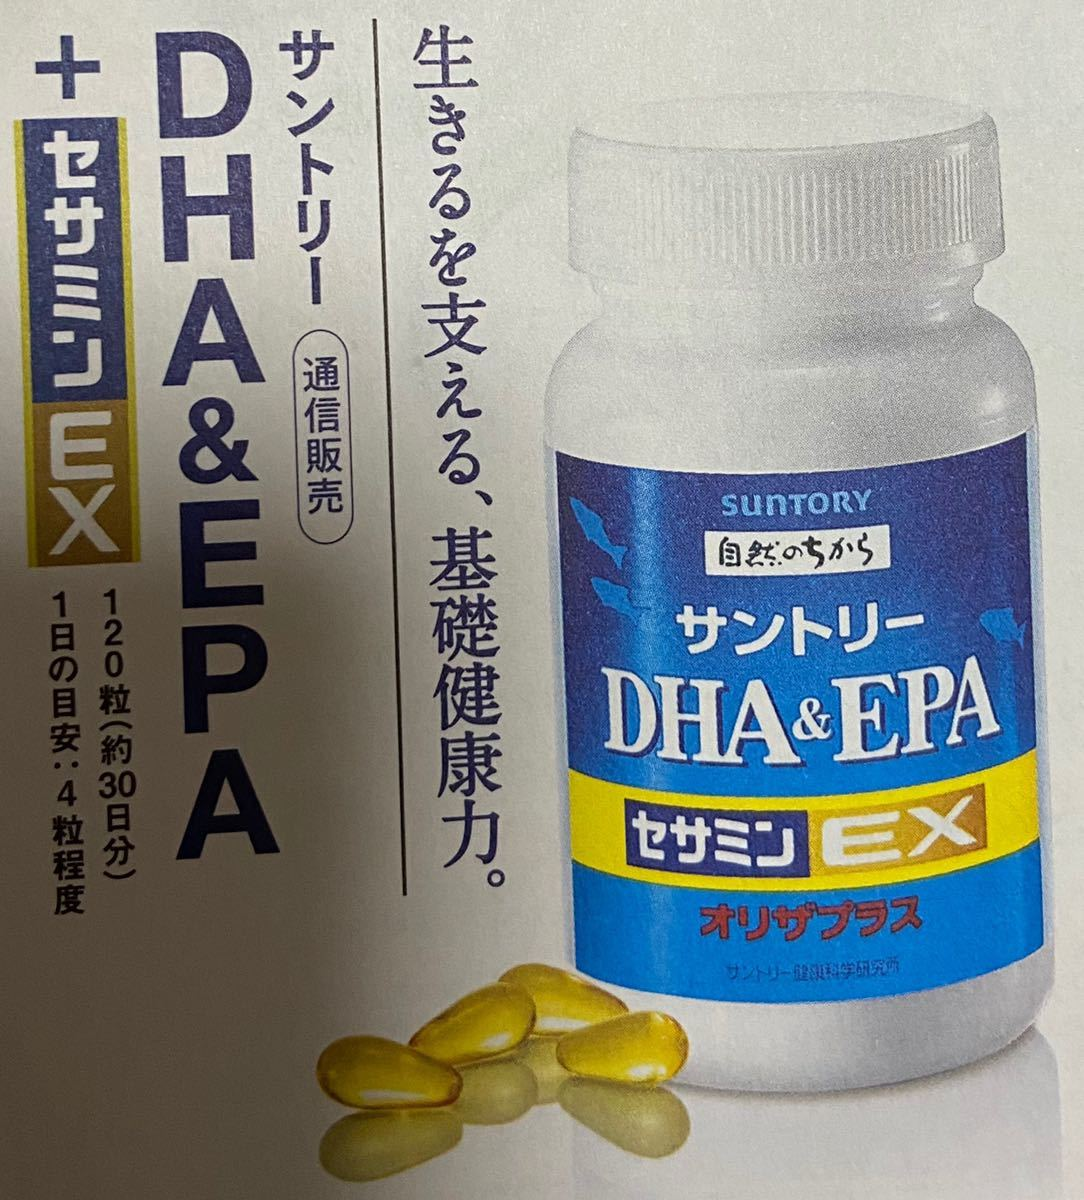 サントリーサプリメント DHA&EPA +セサミンEX 定価5940円→無料→申込用紙20枚 健康食品 無料応募用紙20枚_画像4